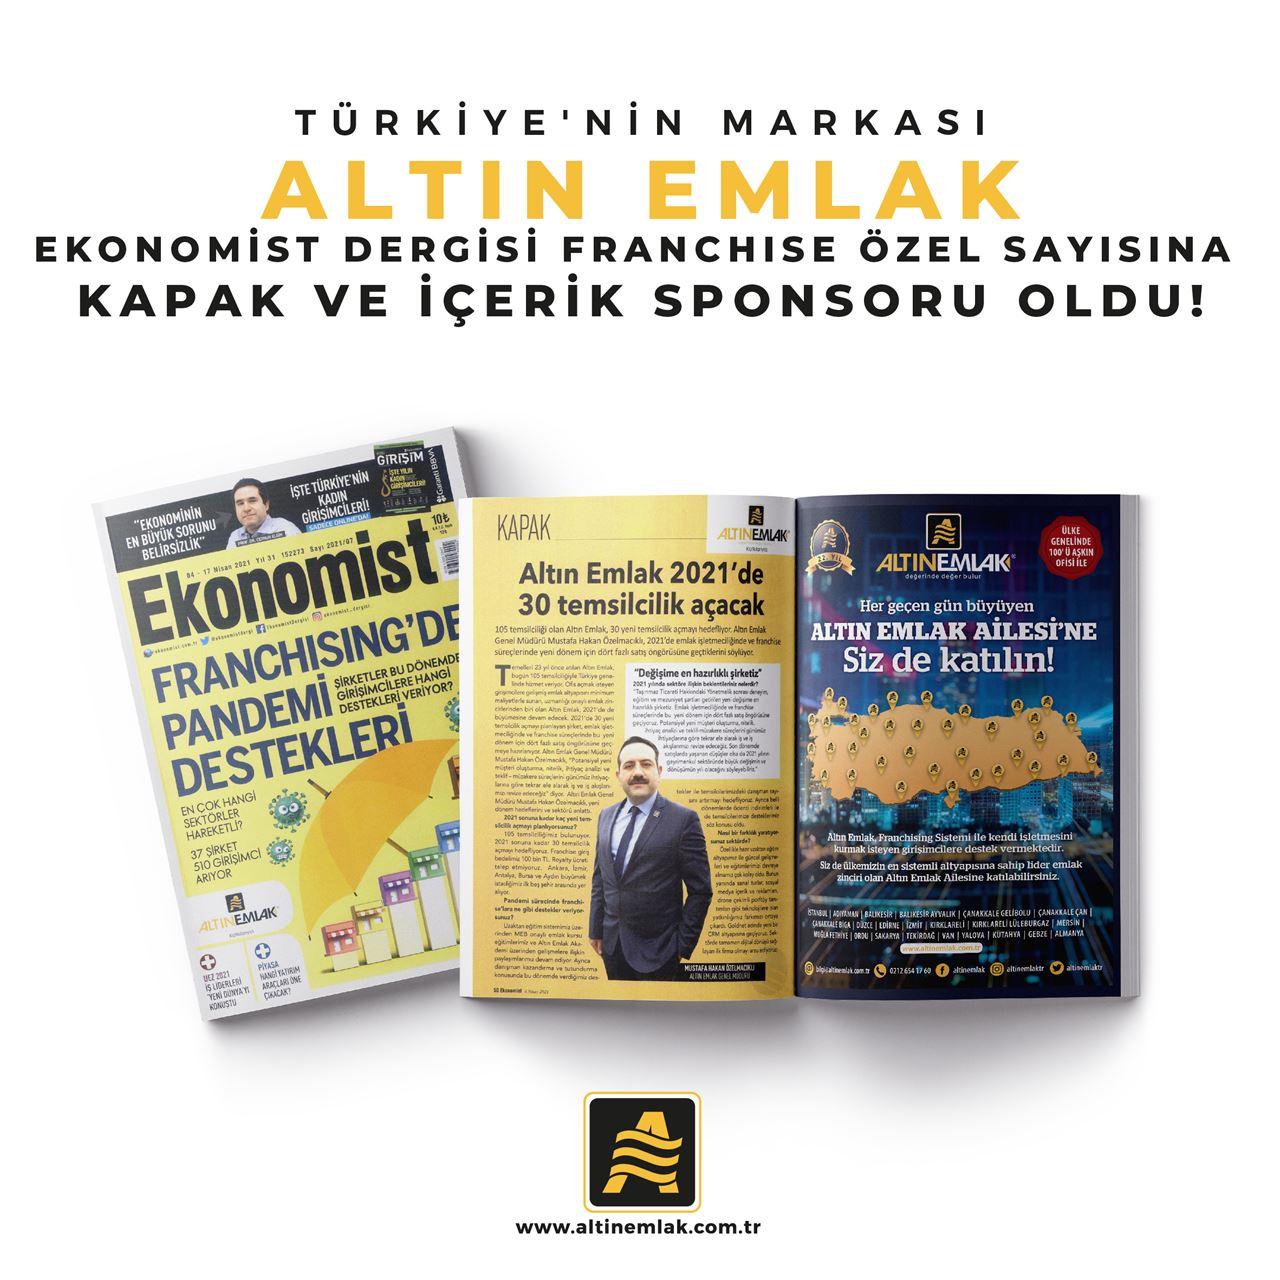 Ekonomist Dergisinin Franchise Özel Sayısının Sponsuru ALTIN EMLAK!